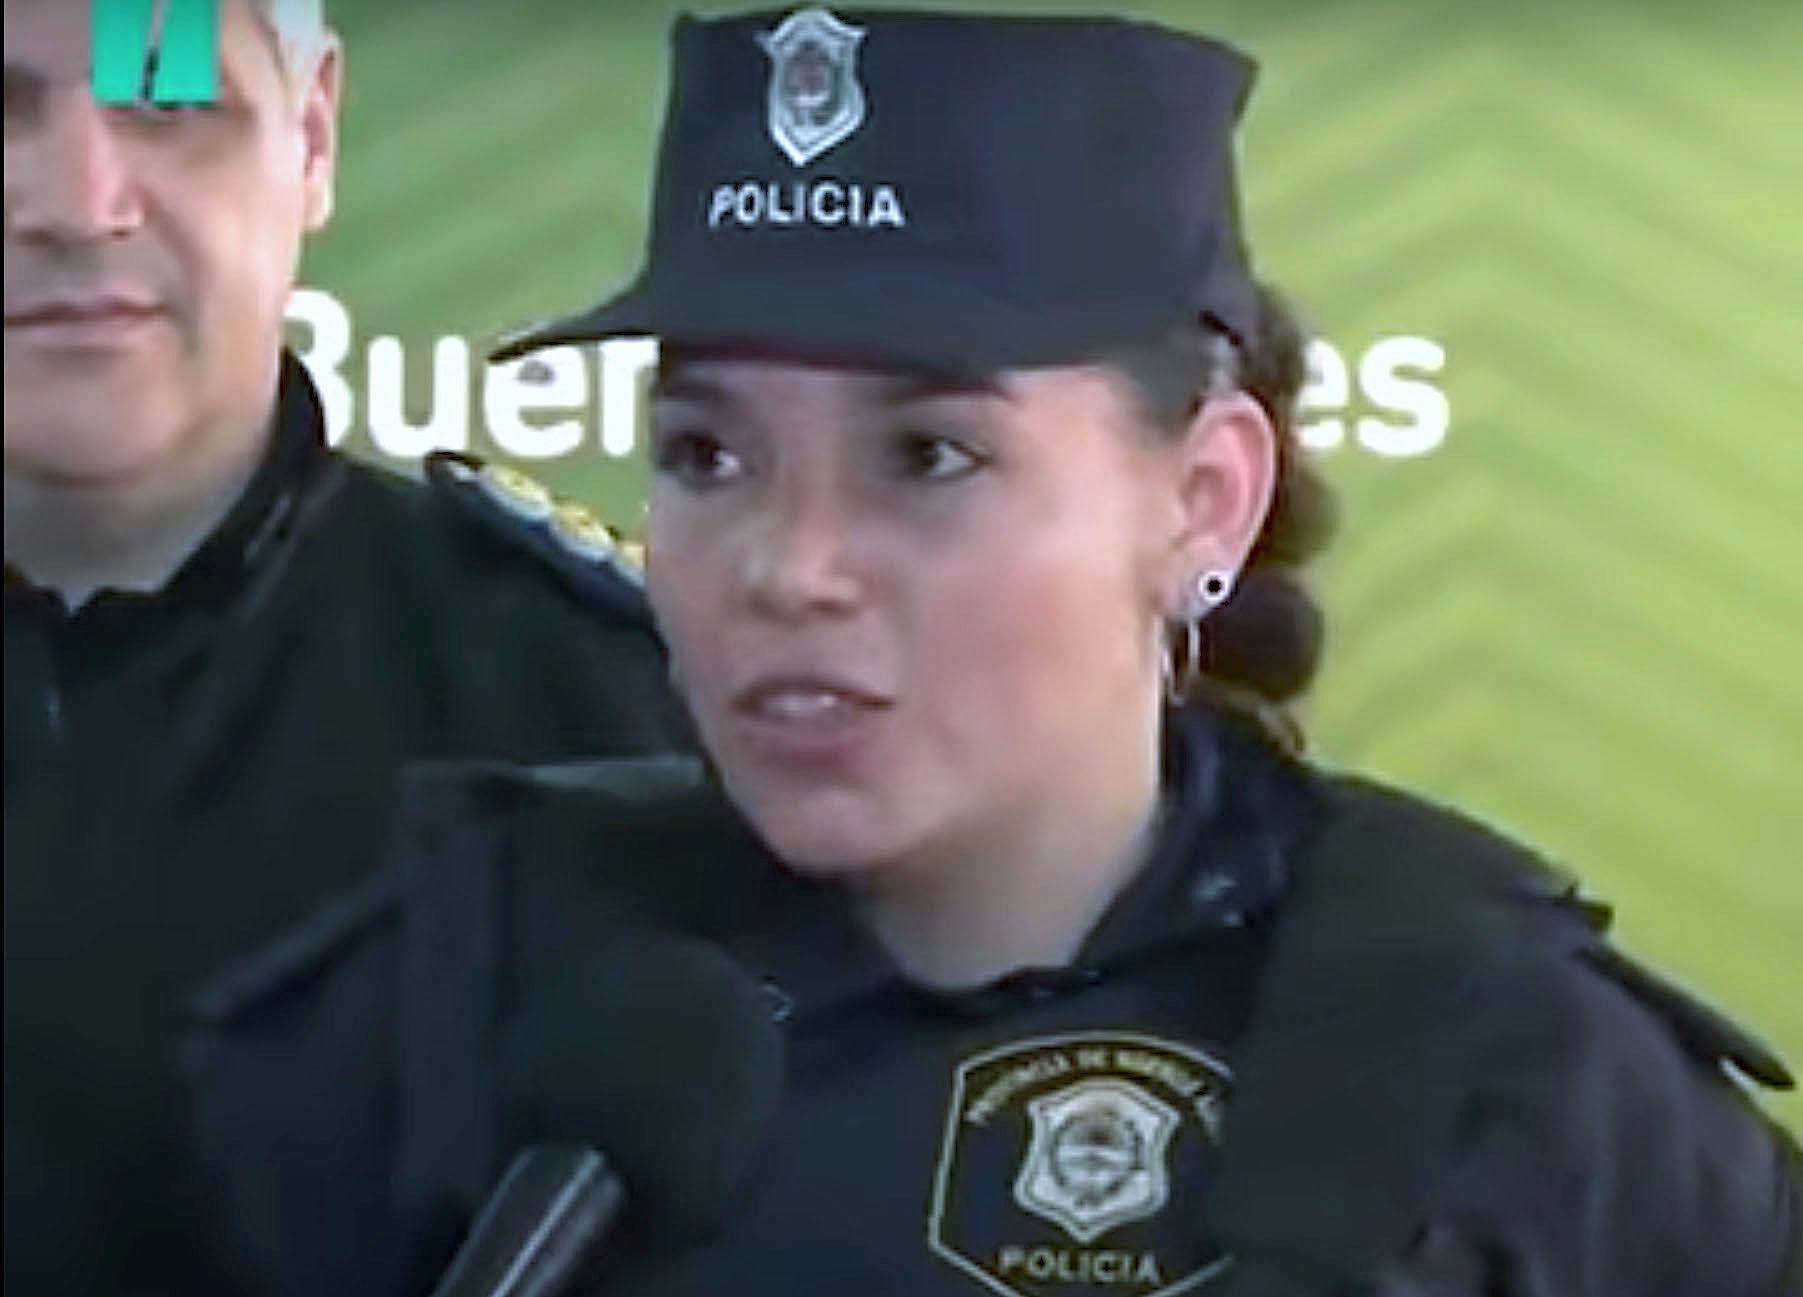 Police Officer Celeste Ayala